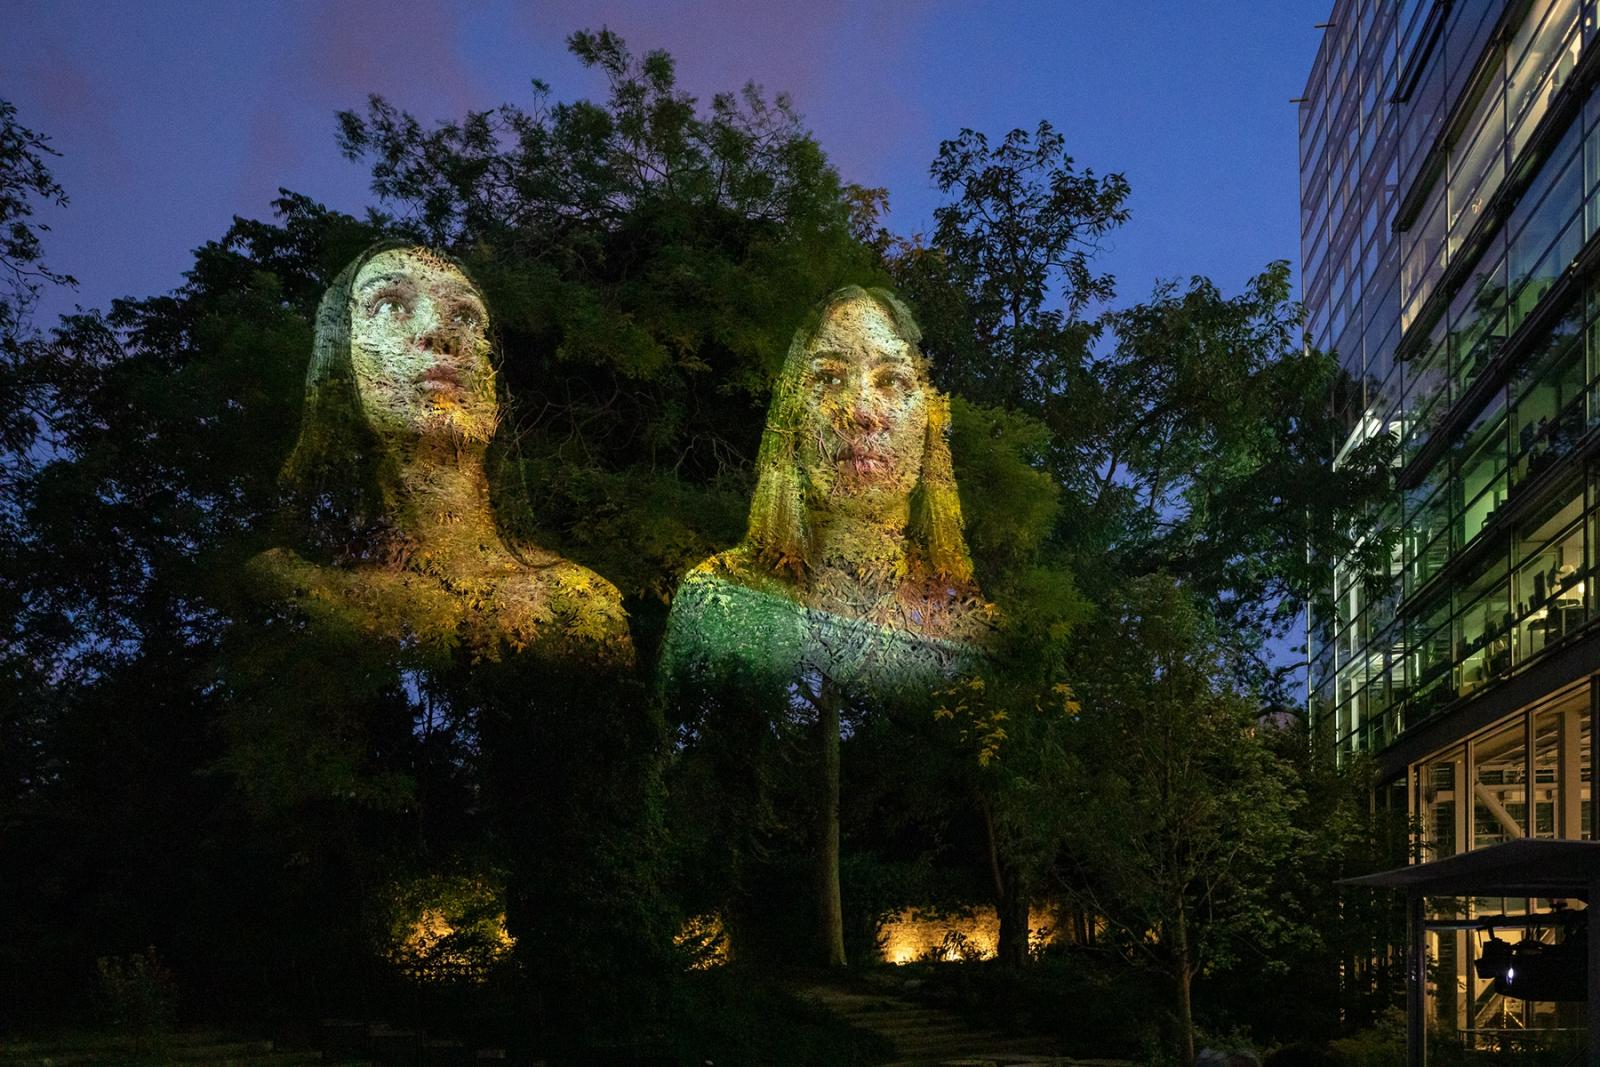 Tony Oursler: Eclipse, Fondation Cartier, Paris